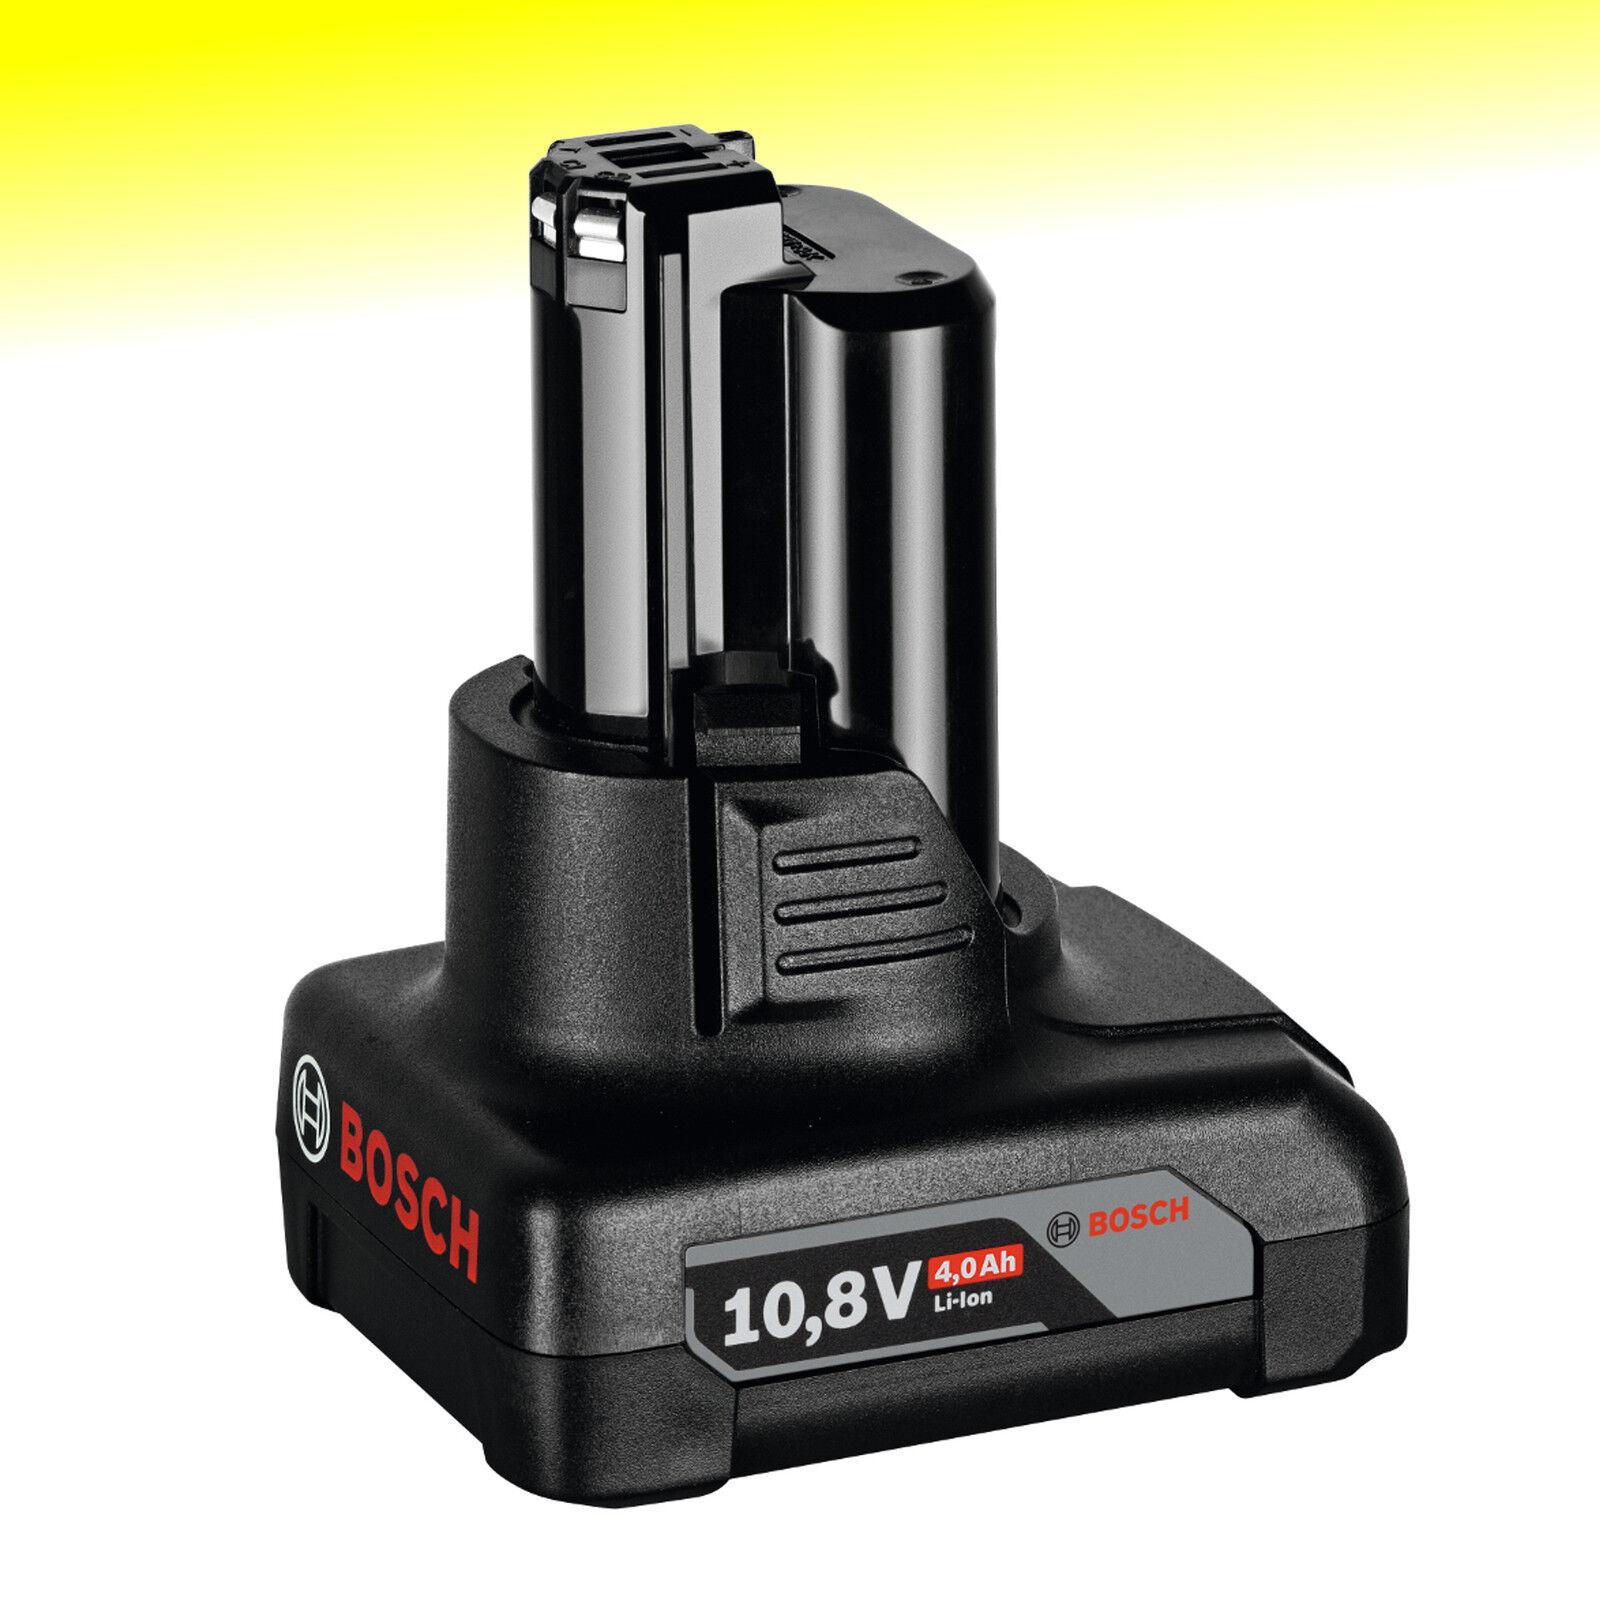 Bosch Akku 10,8 V 4,0 Ah